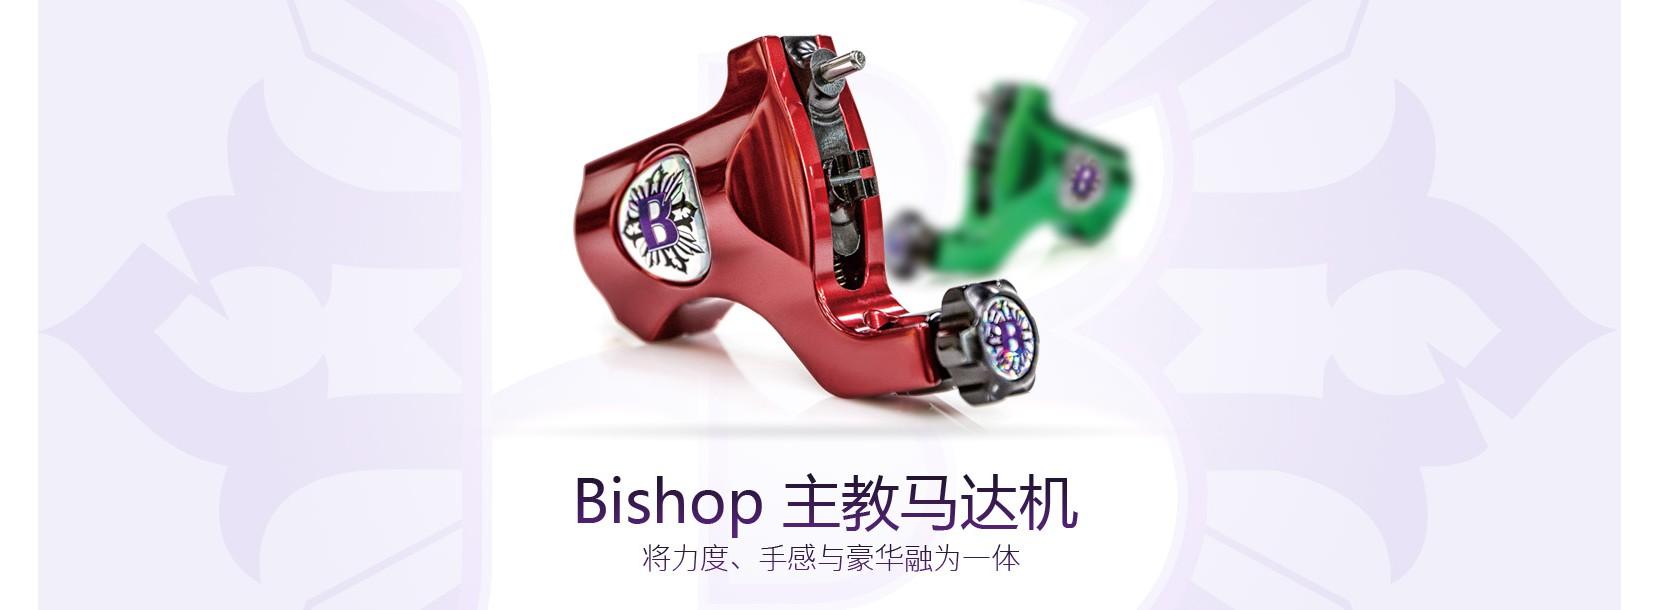 bishop马达机